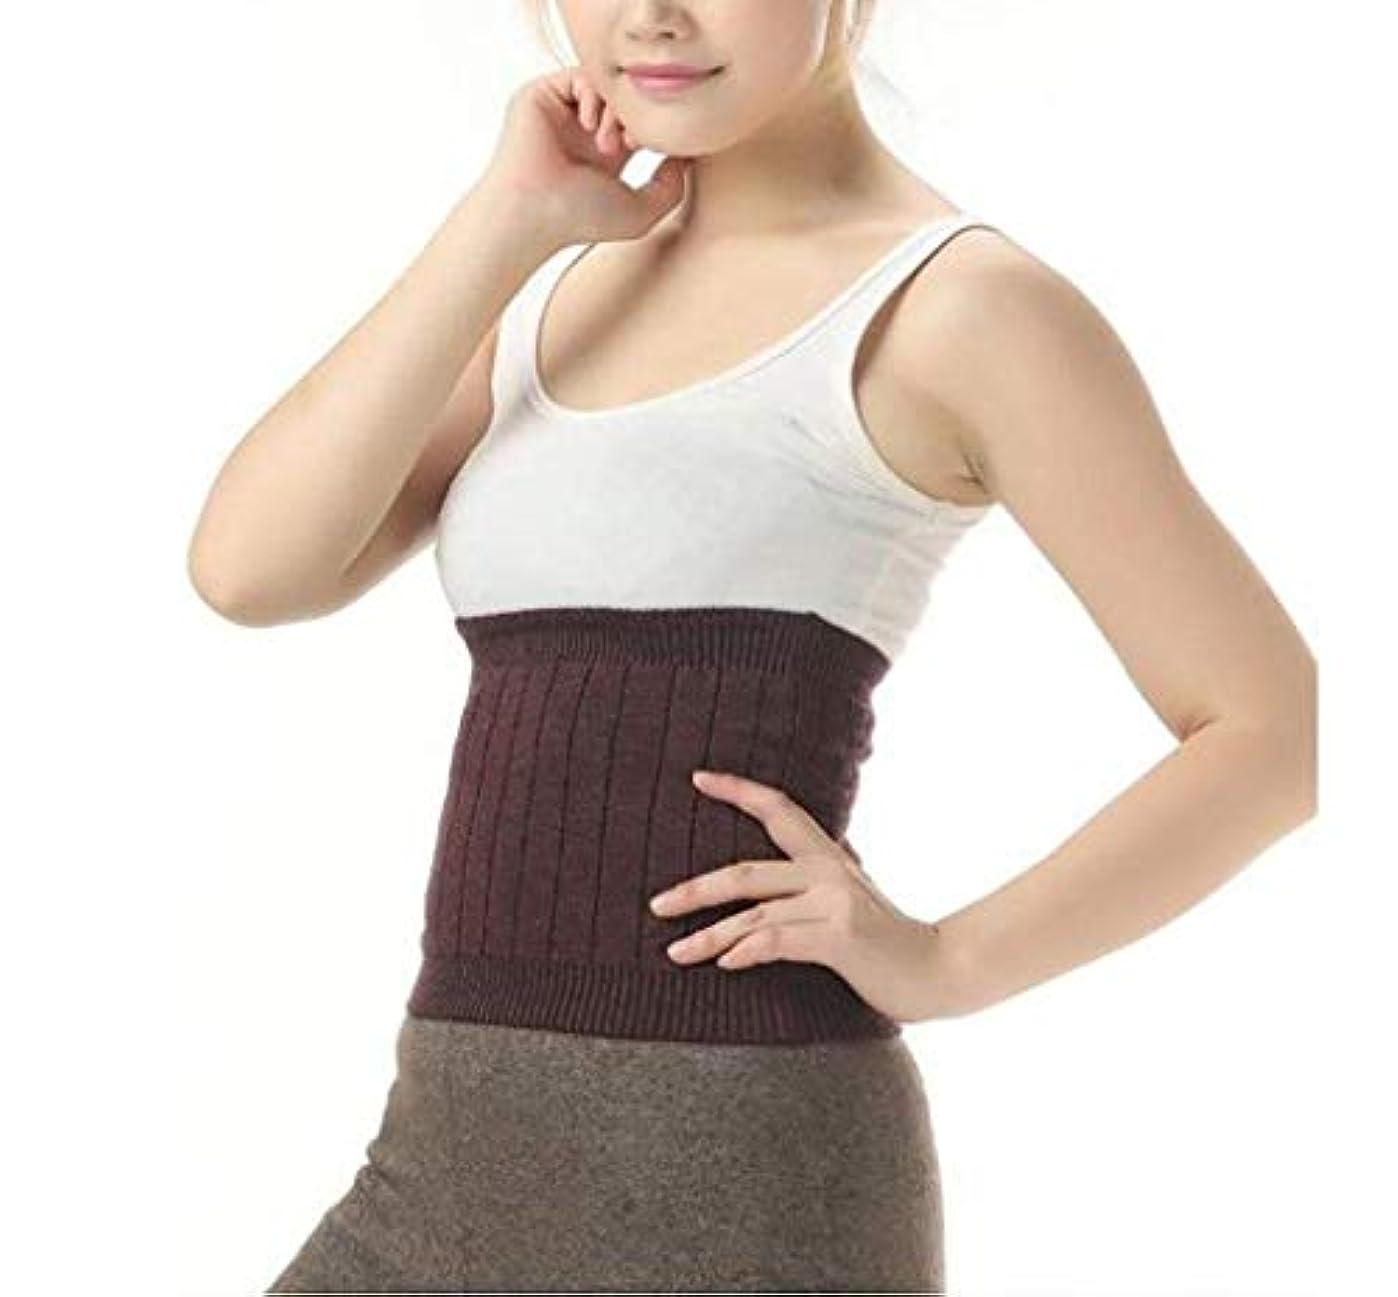 印象印象フラスコ冬/フィットネスのサイズに適した暖かいベルト、人間工学に基づいて設計女性のウエストベルトウールウォーム腎臓をウエストベルト、:22センチメートル* 26センチメートル